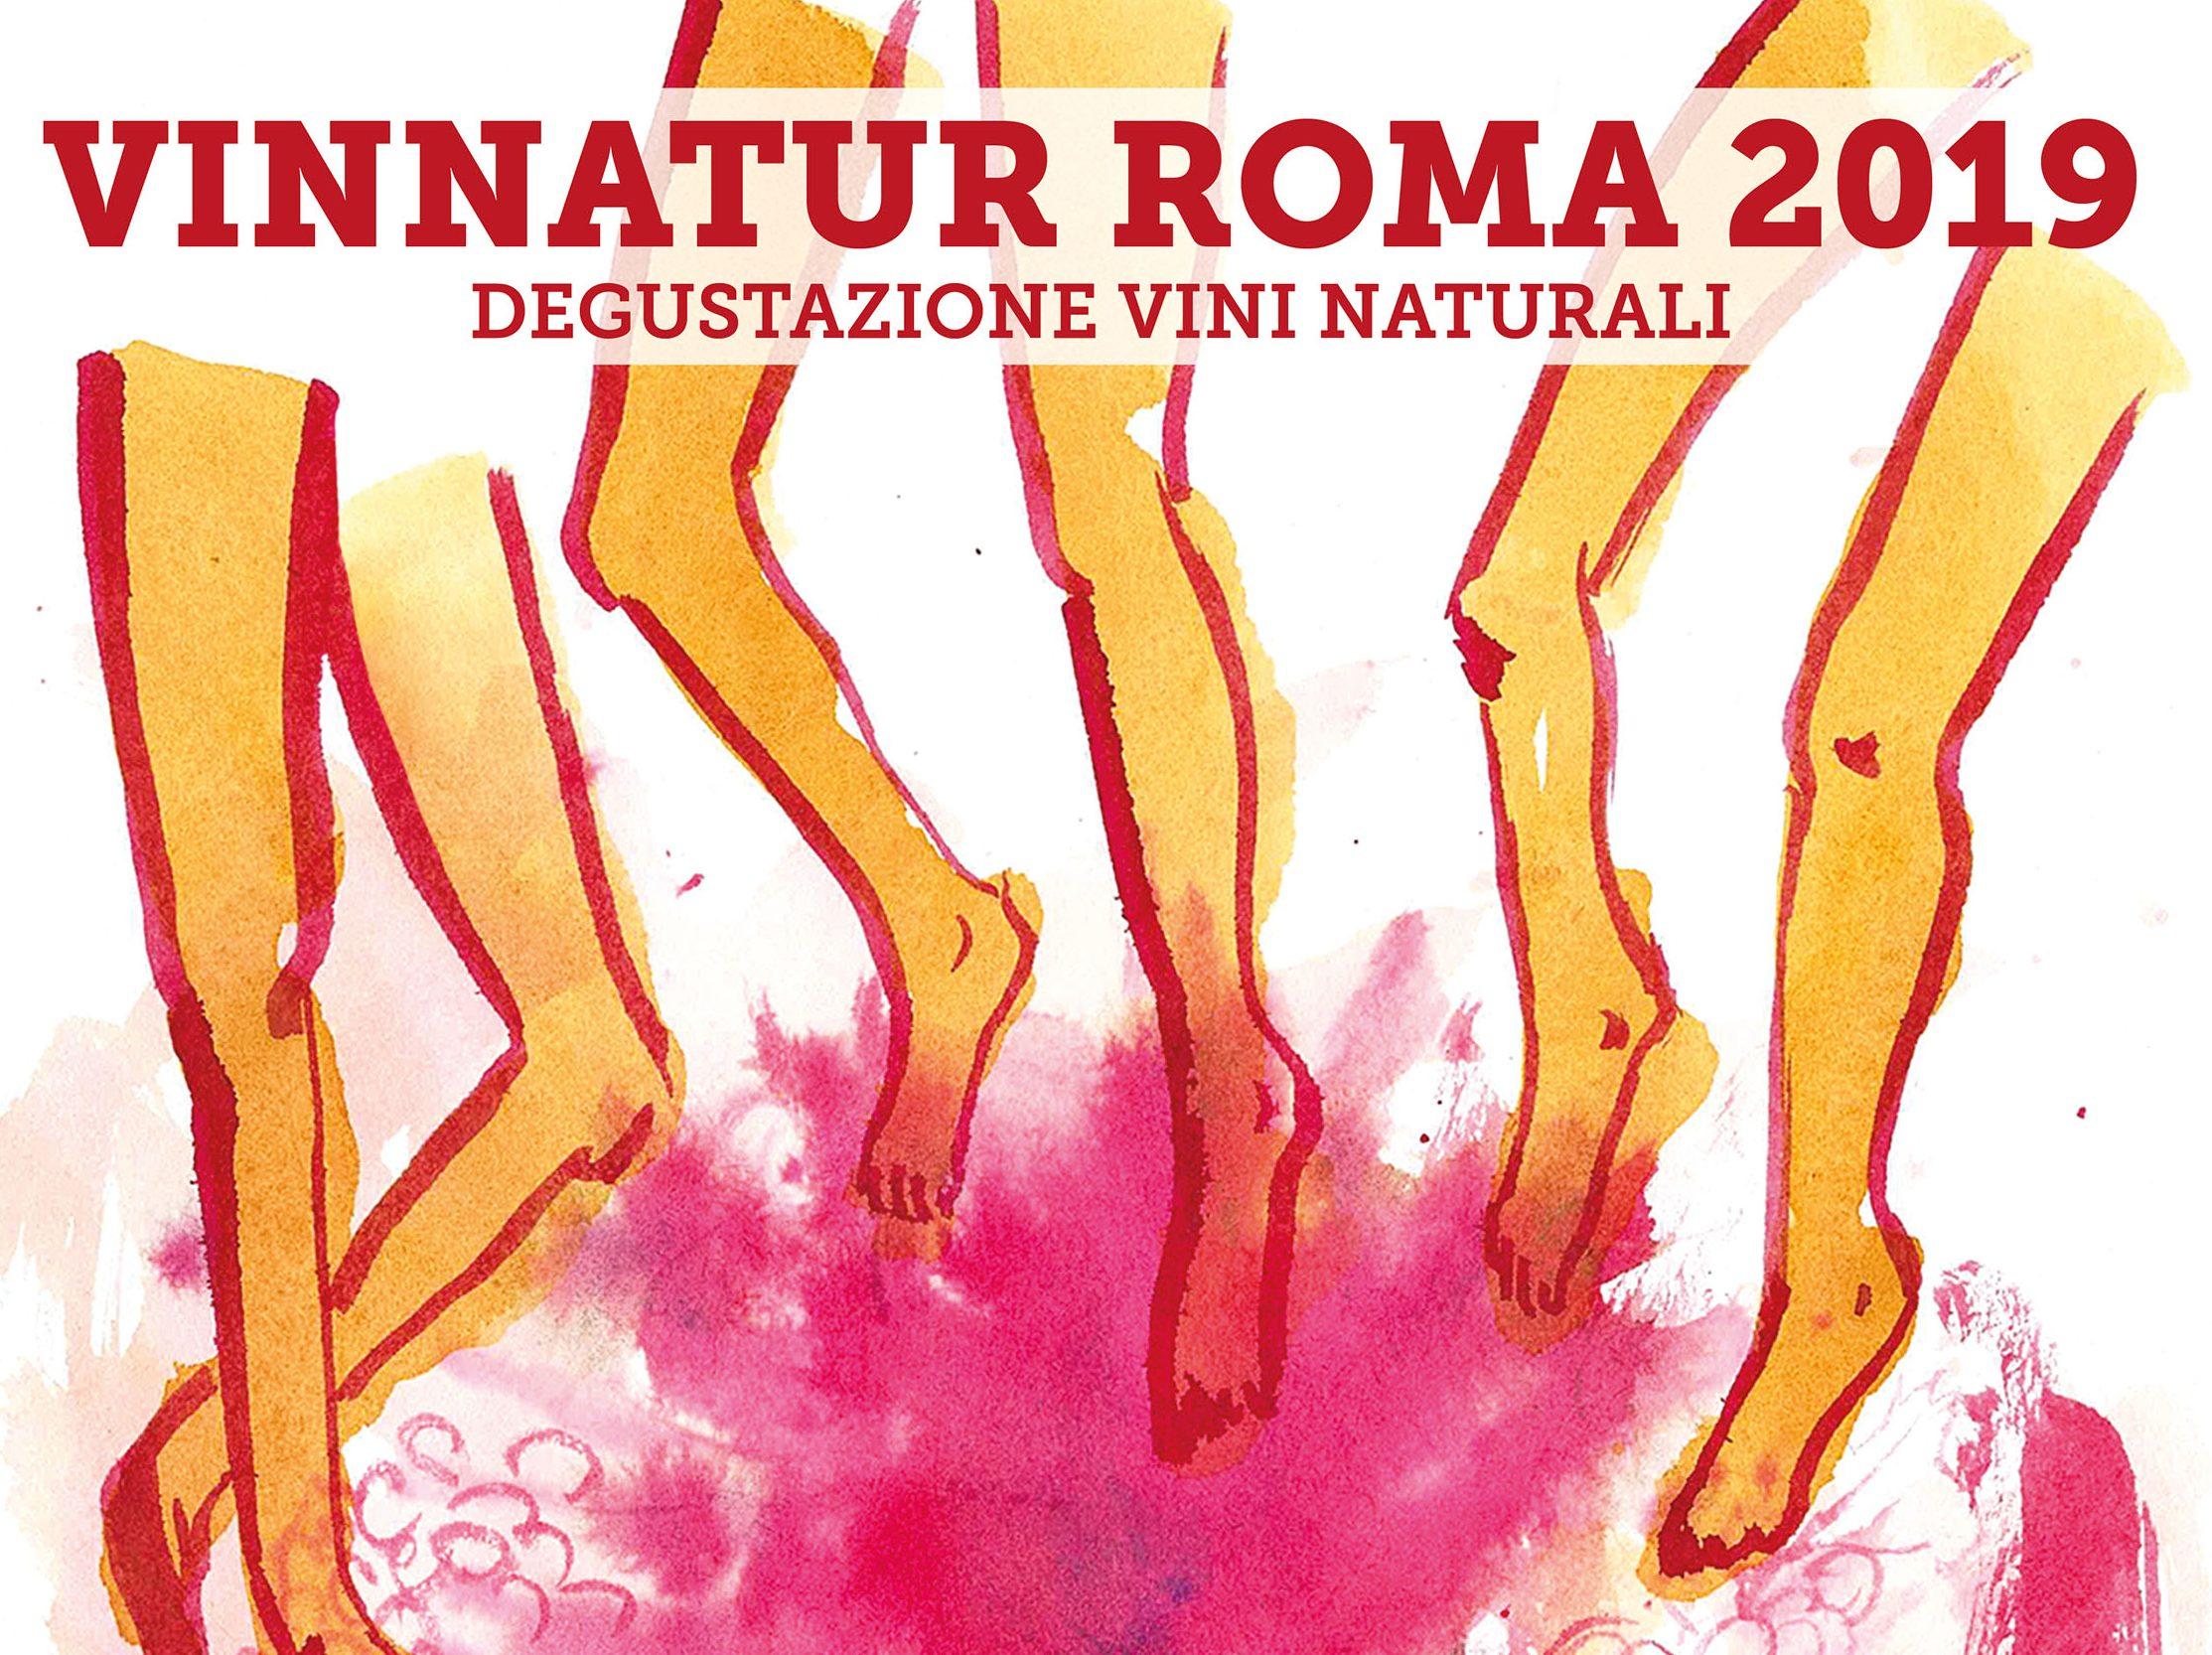 vinnatur-roma-2019